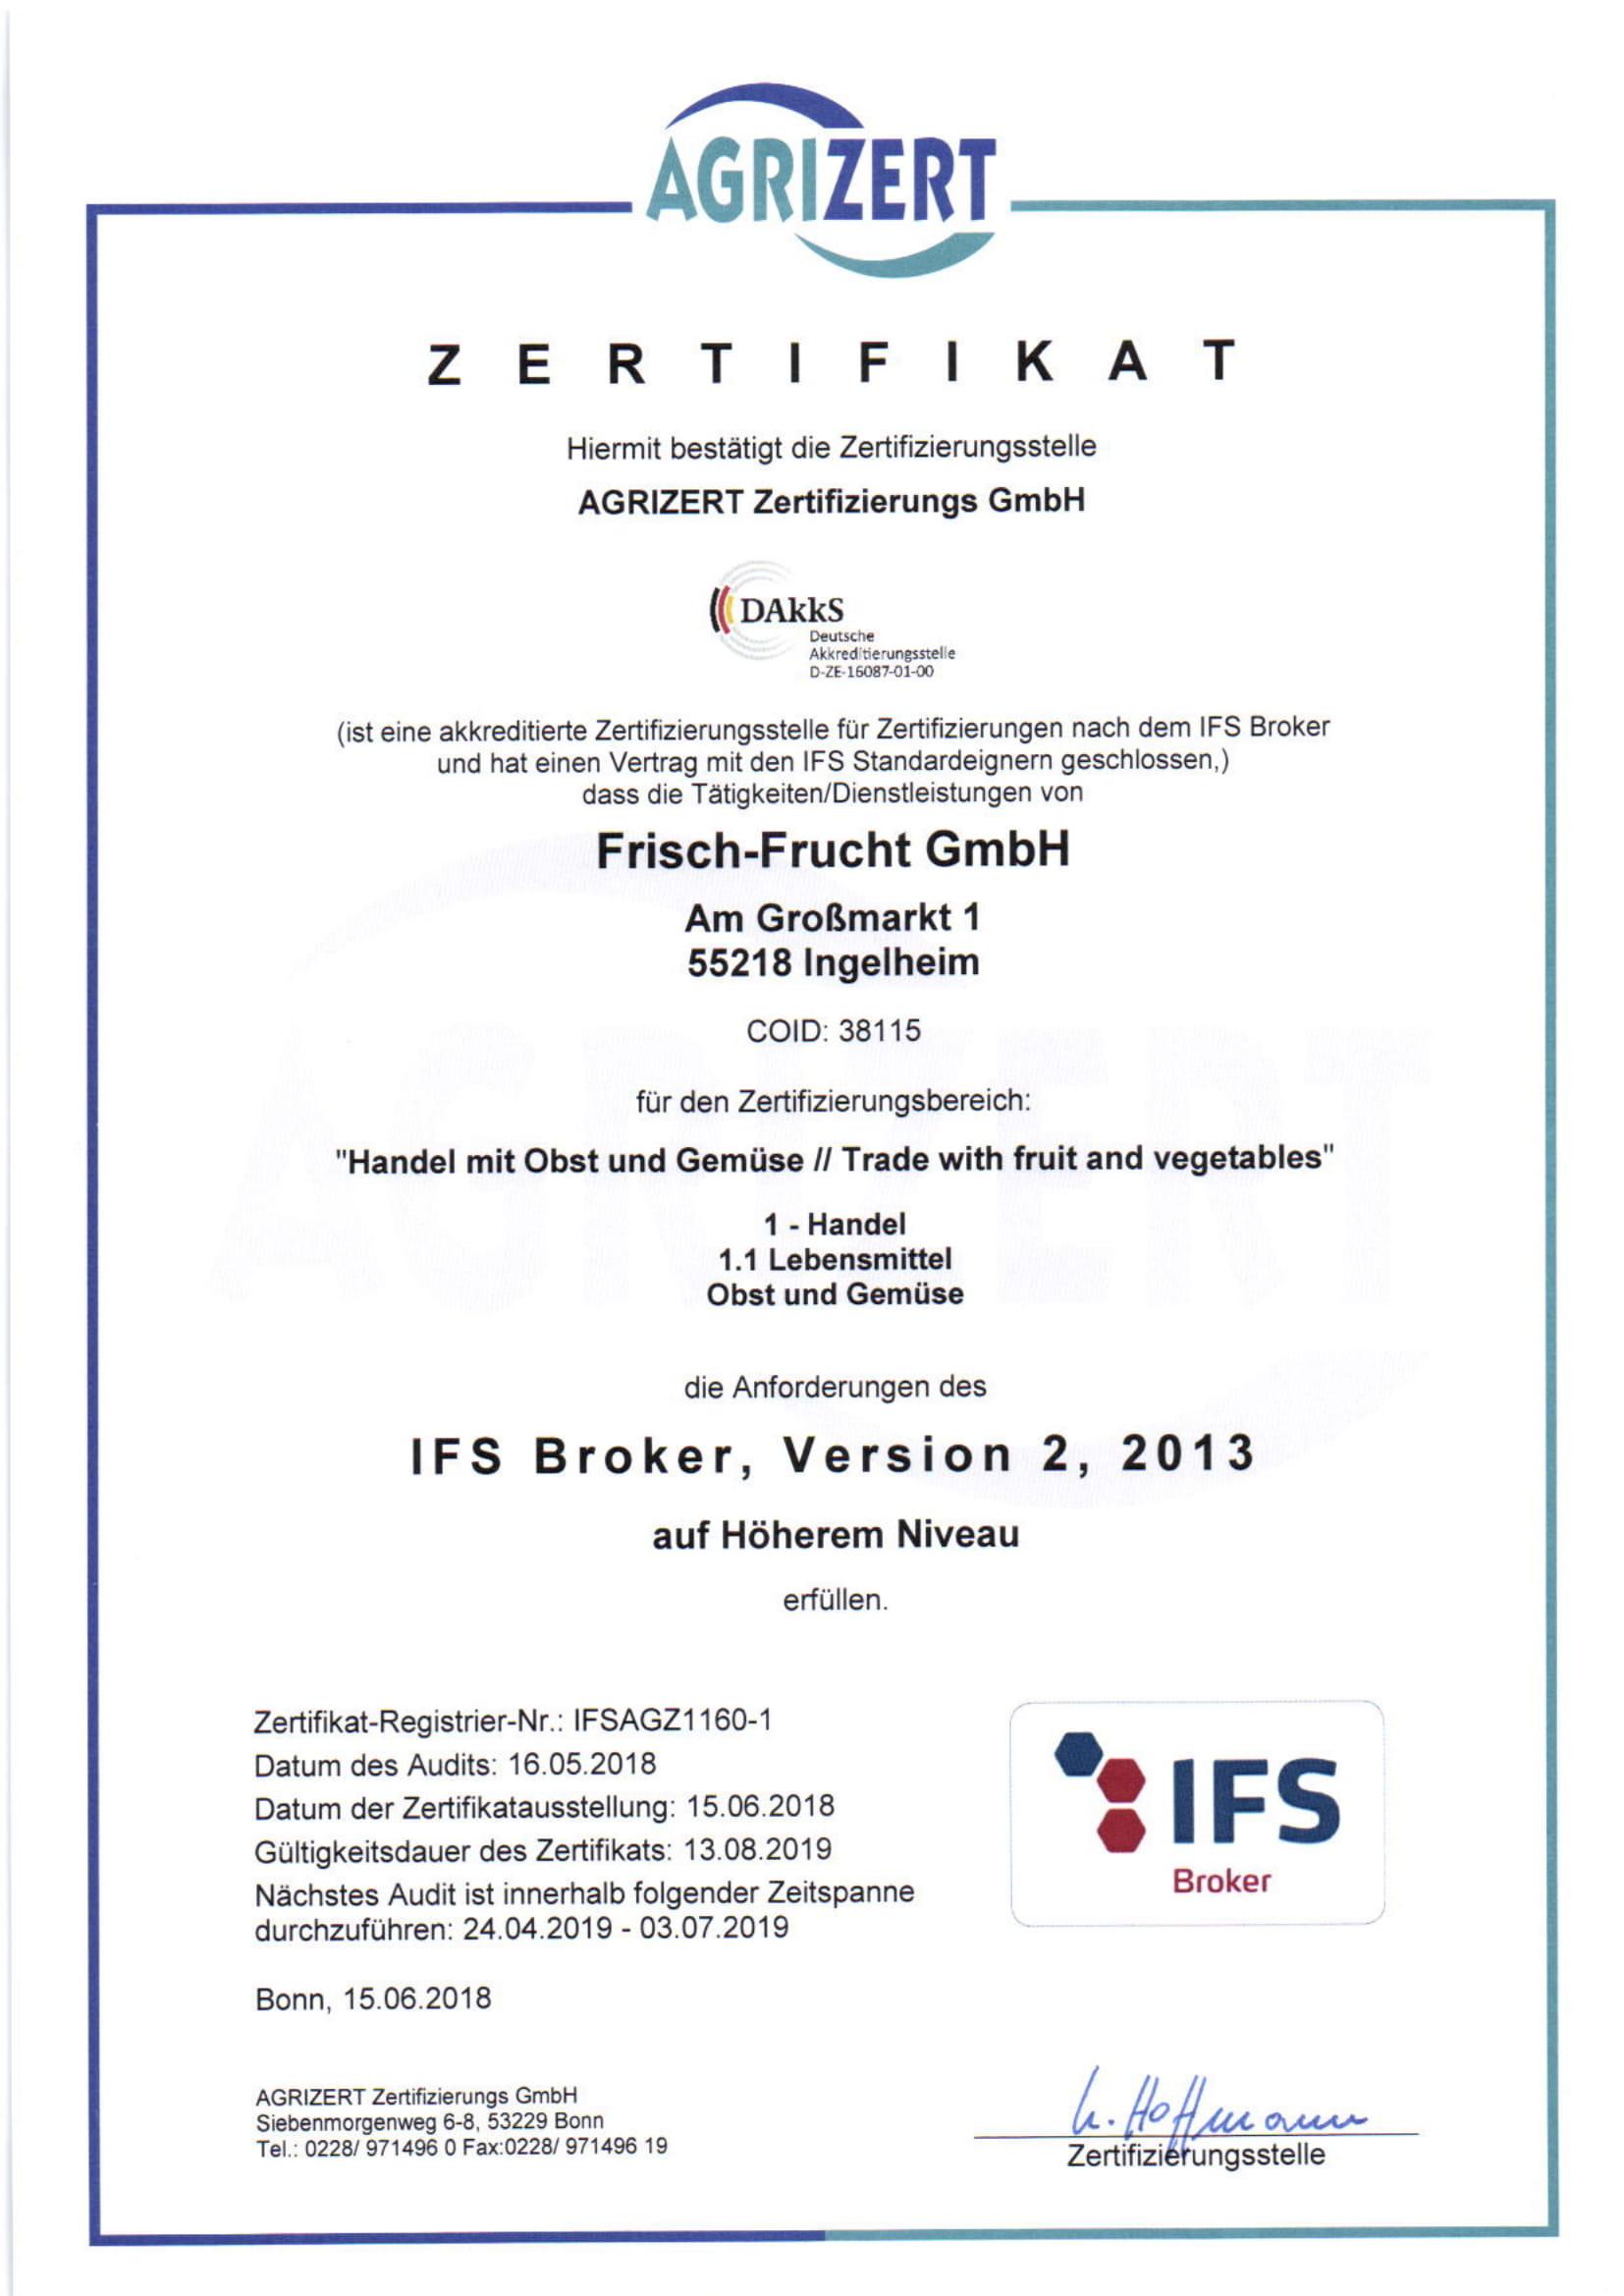 ifs-broker-zertifikat-ff-g-ultig-bis-13-08-19-1